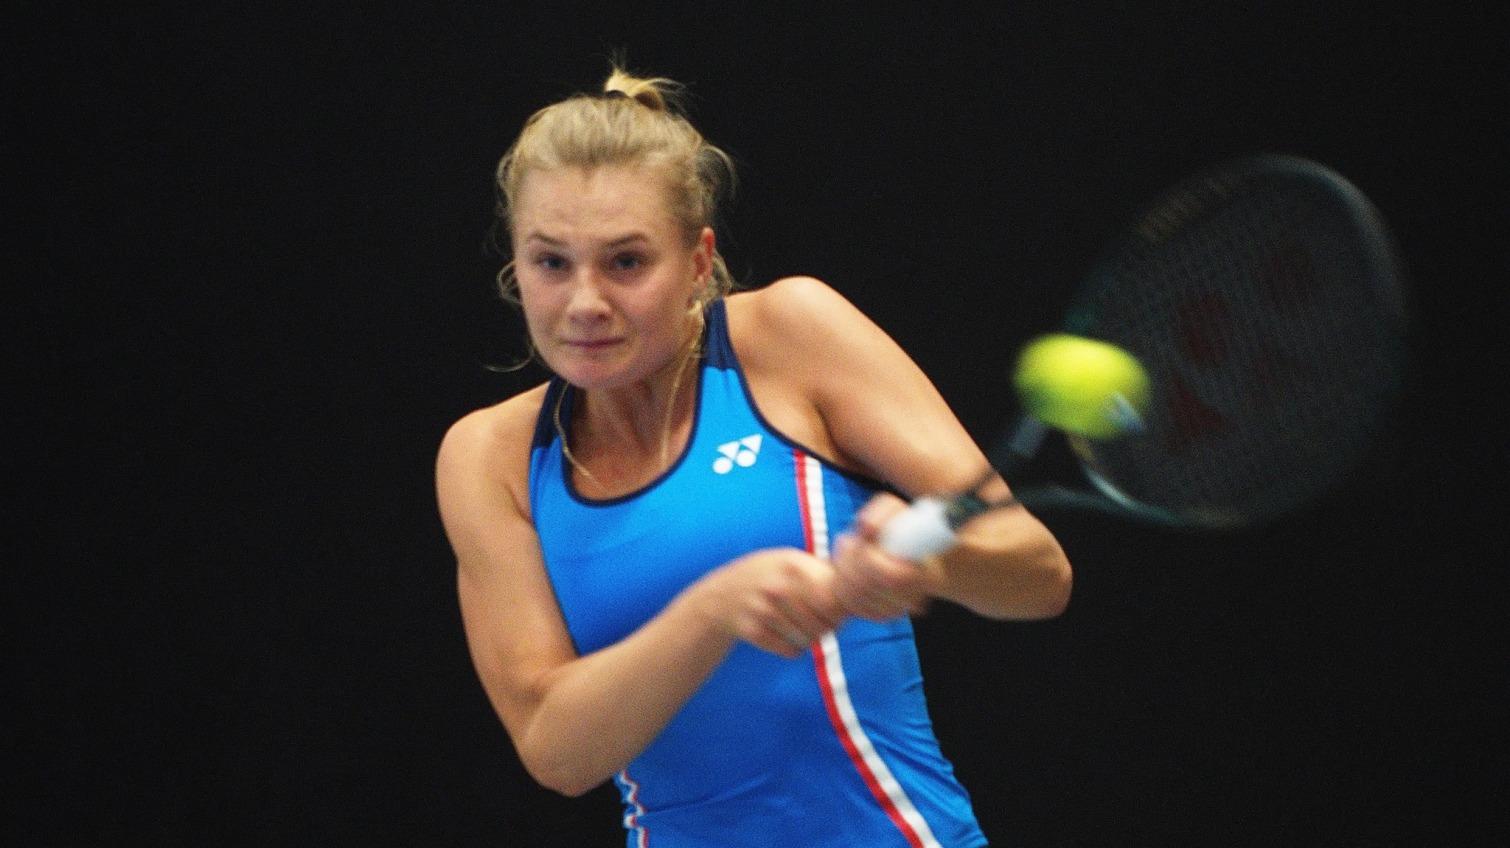 Одесская теннисистка Даяна Ястремская стартовала с победы на турнире в США «фото»